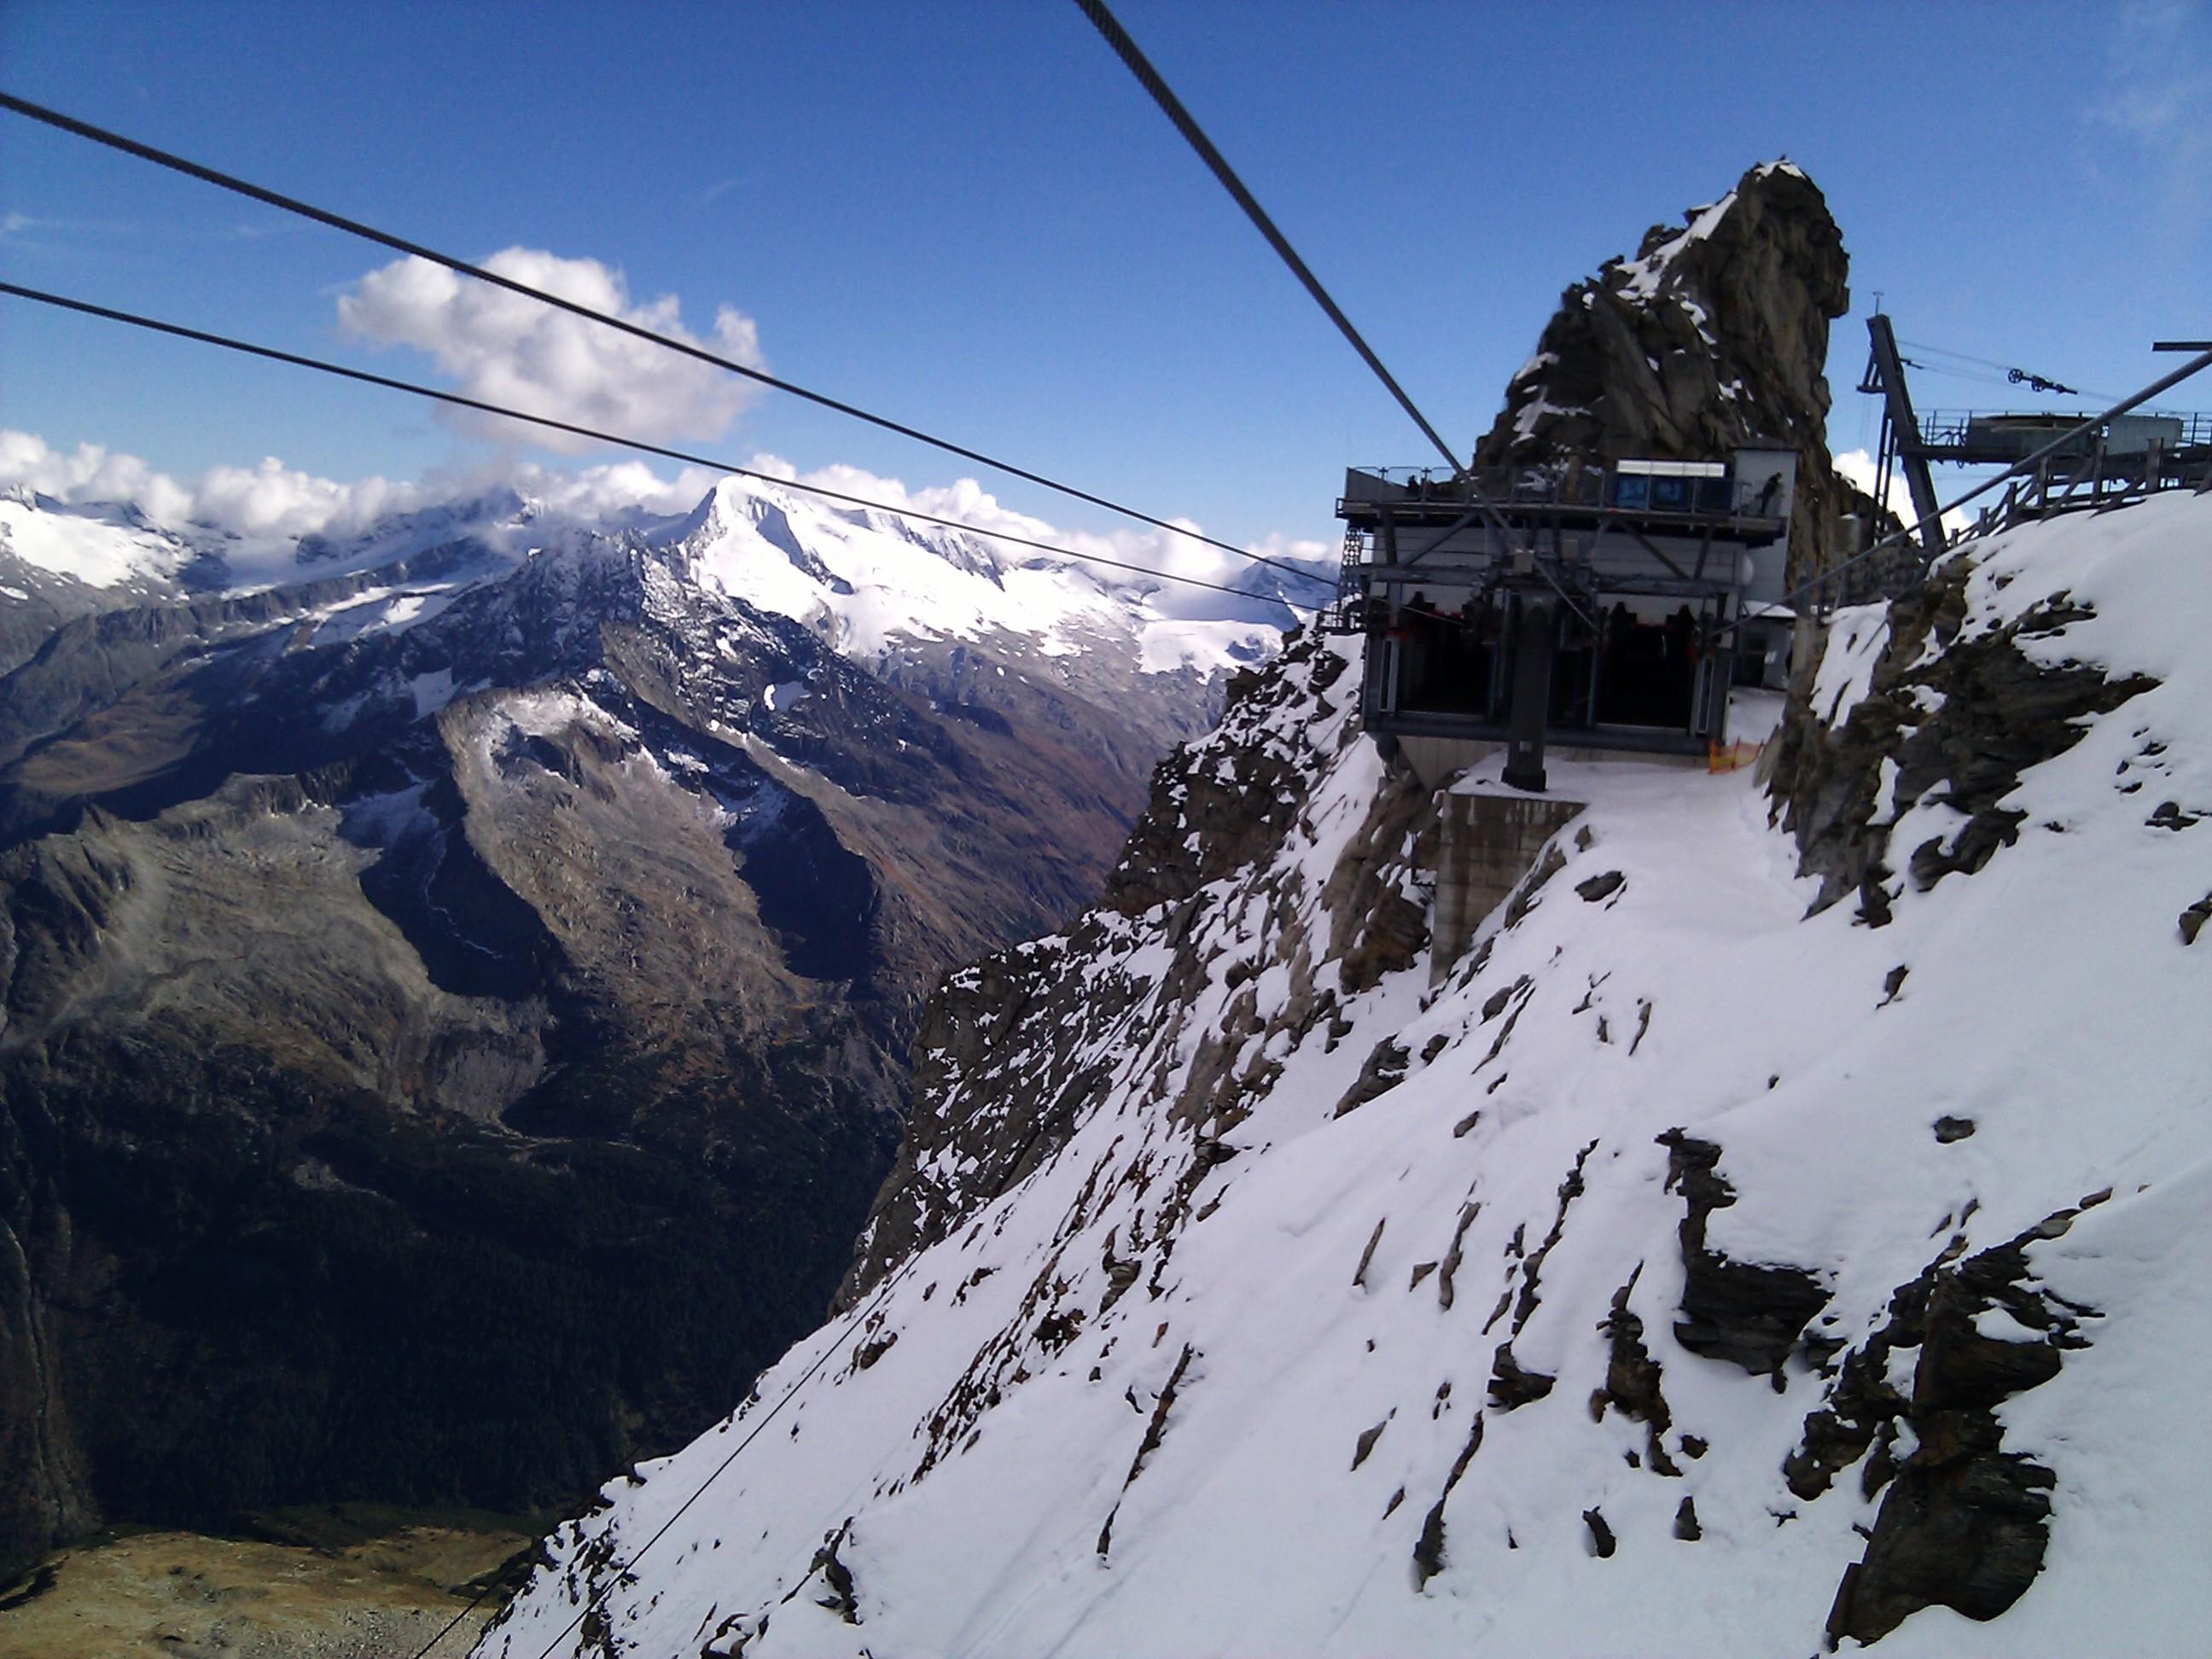 Einfahrt in die Gipfelstation des hintertuxer Gletscherbus 3, an der Gefrohrenen Wand.